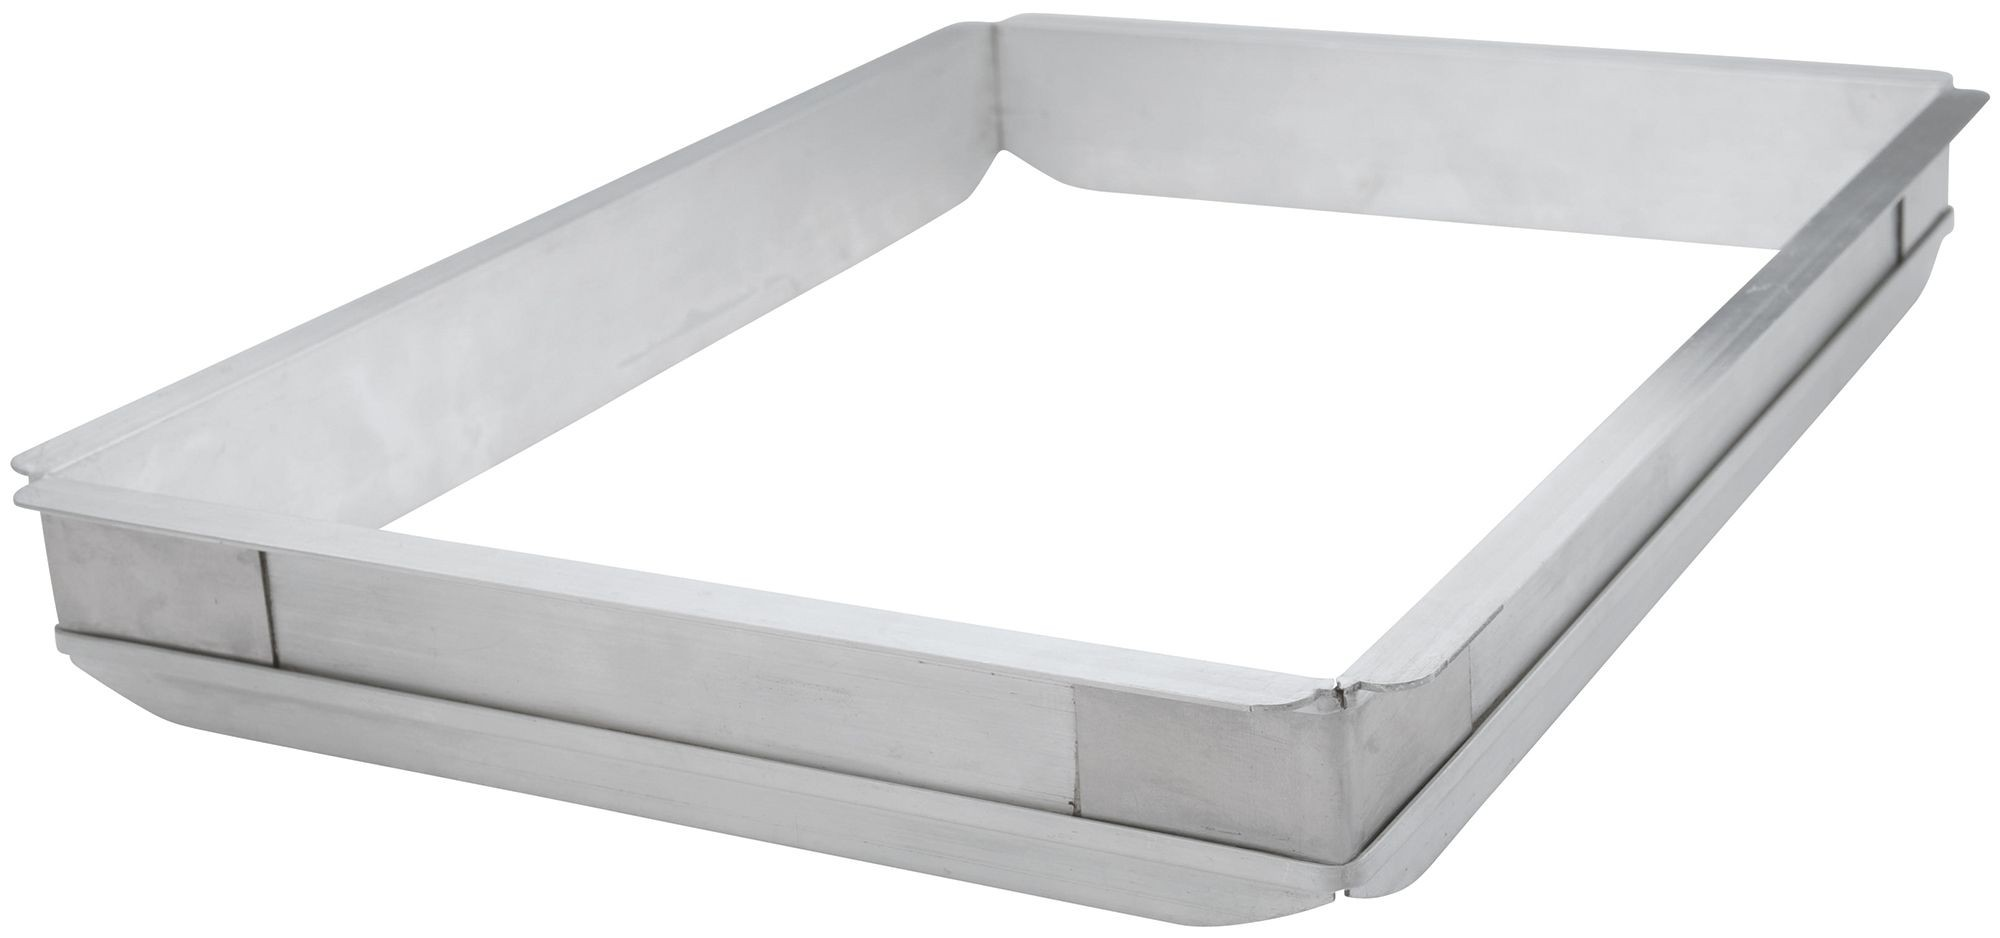 Aluminum Sheet Pan Extender (Half-Size)